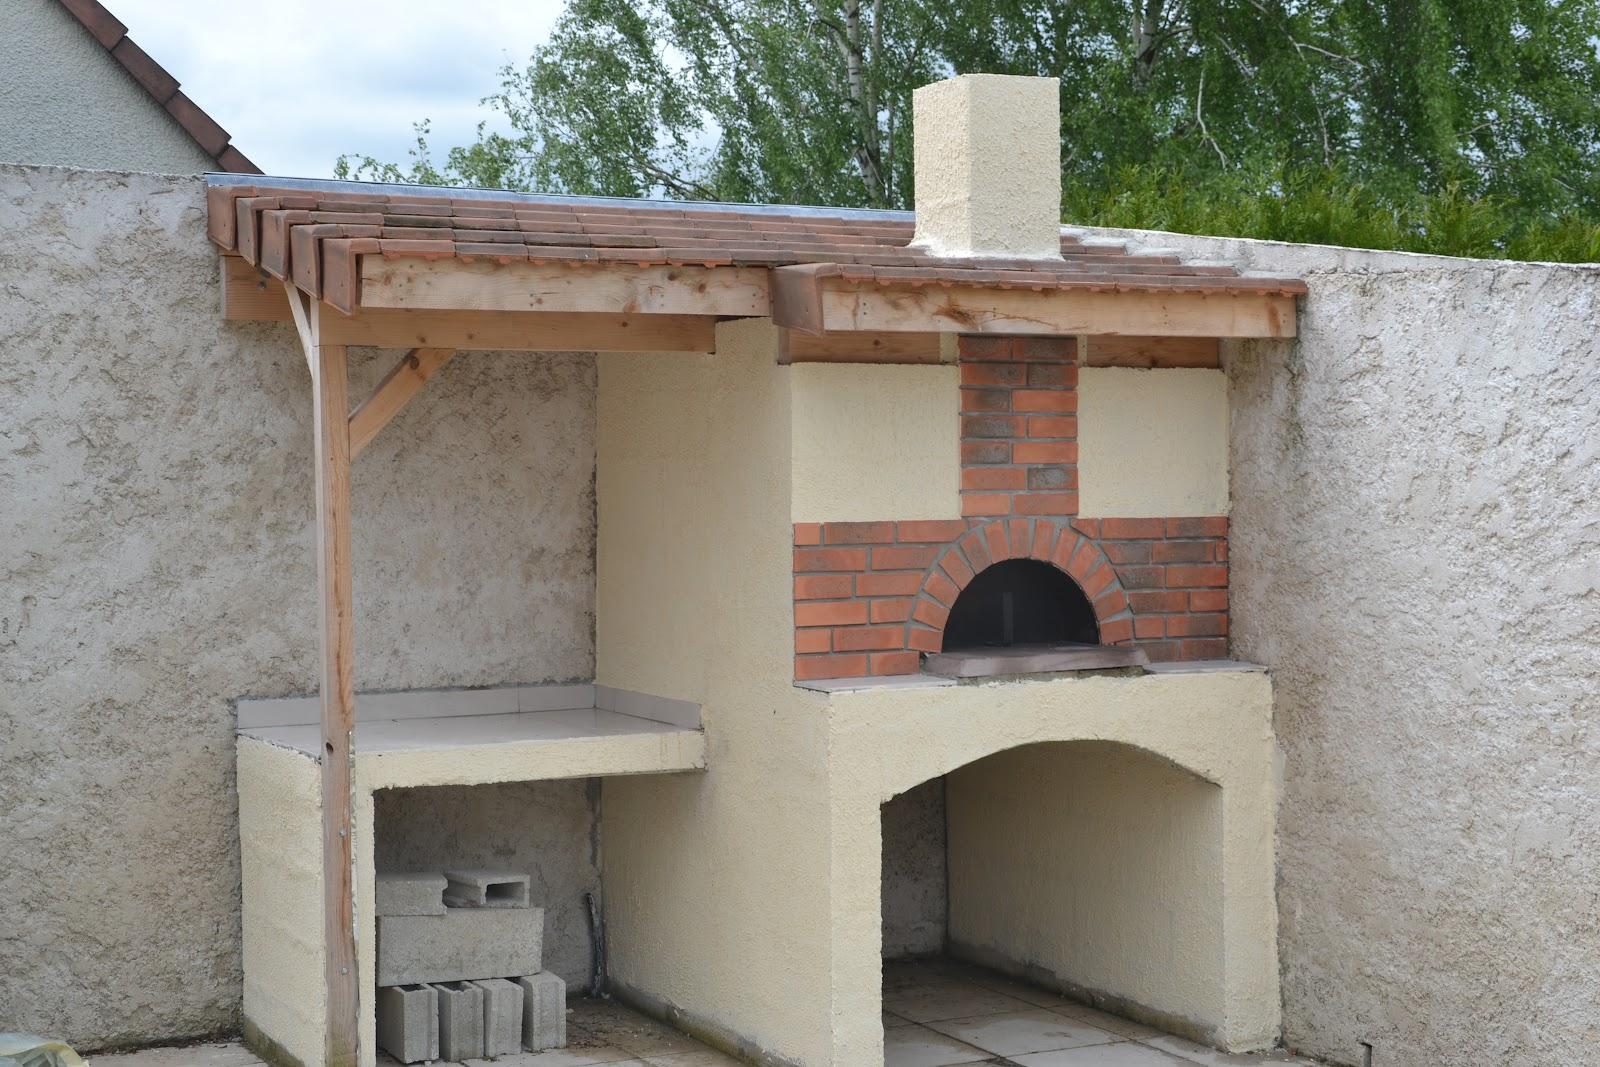 construire son four a pizza top la vote nettoye with construire son four a pizza perfect. Black Bedroom Furniture Sets. Home Design Ideas